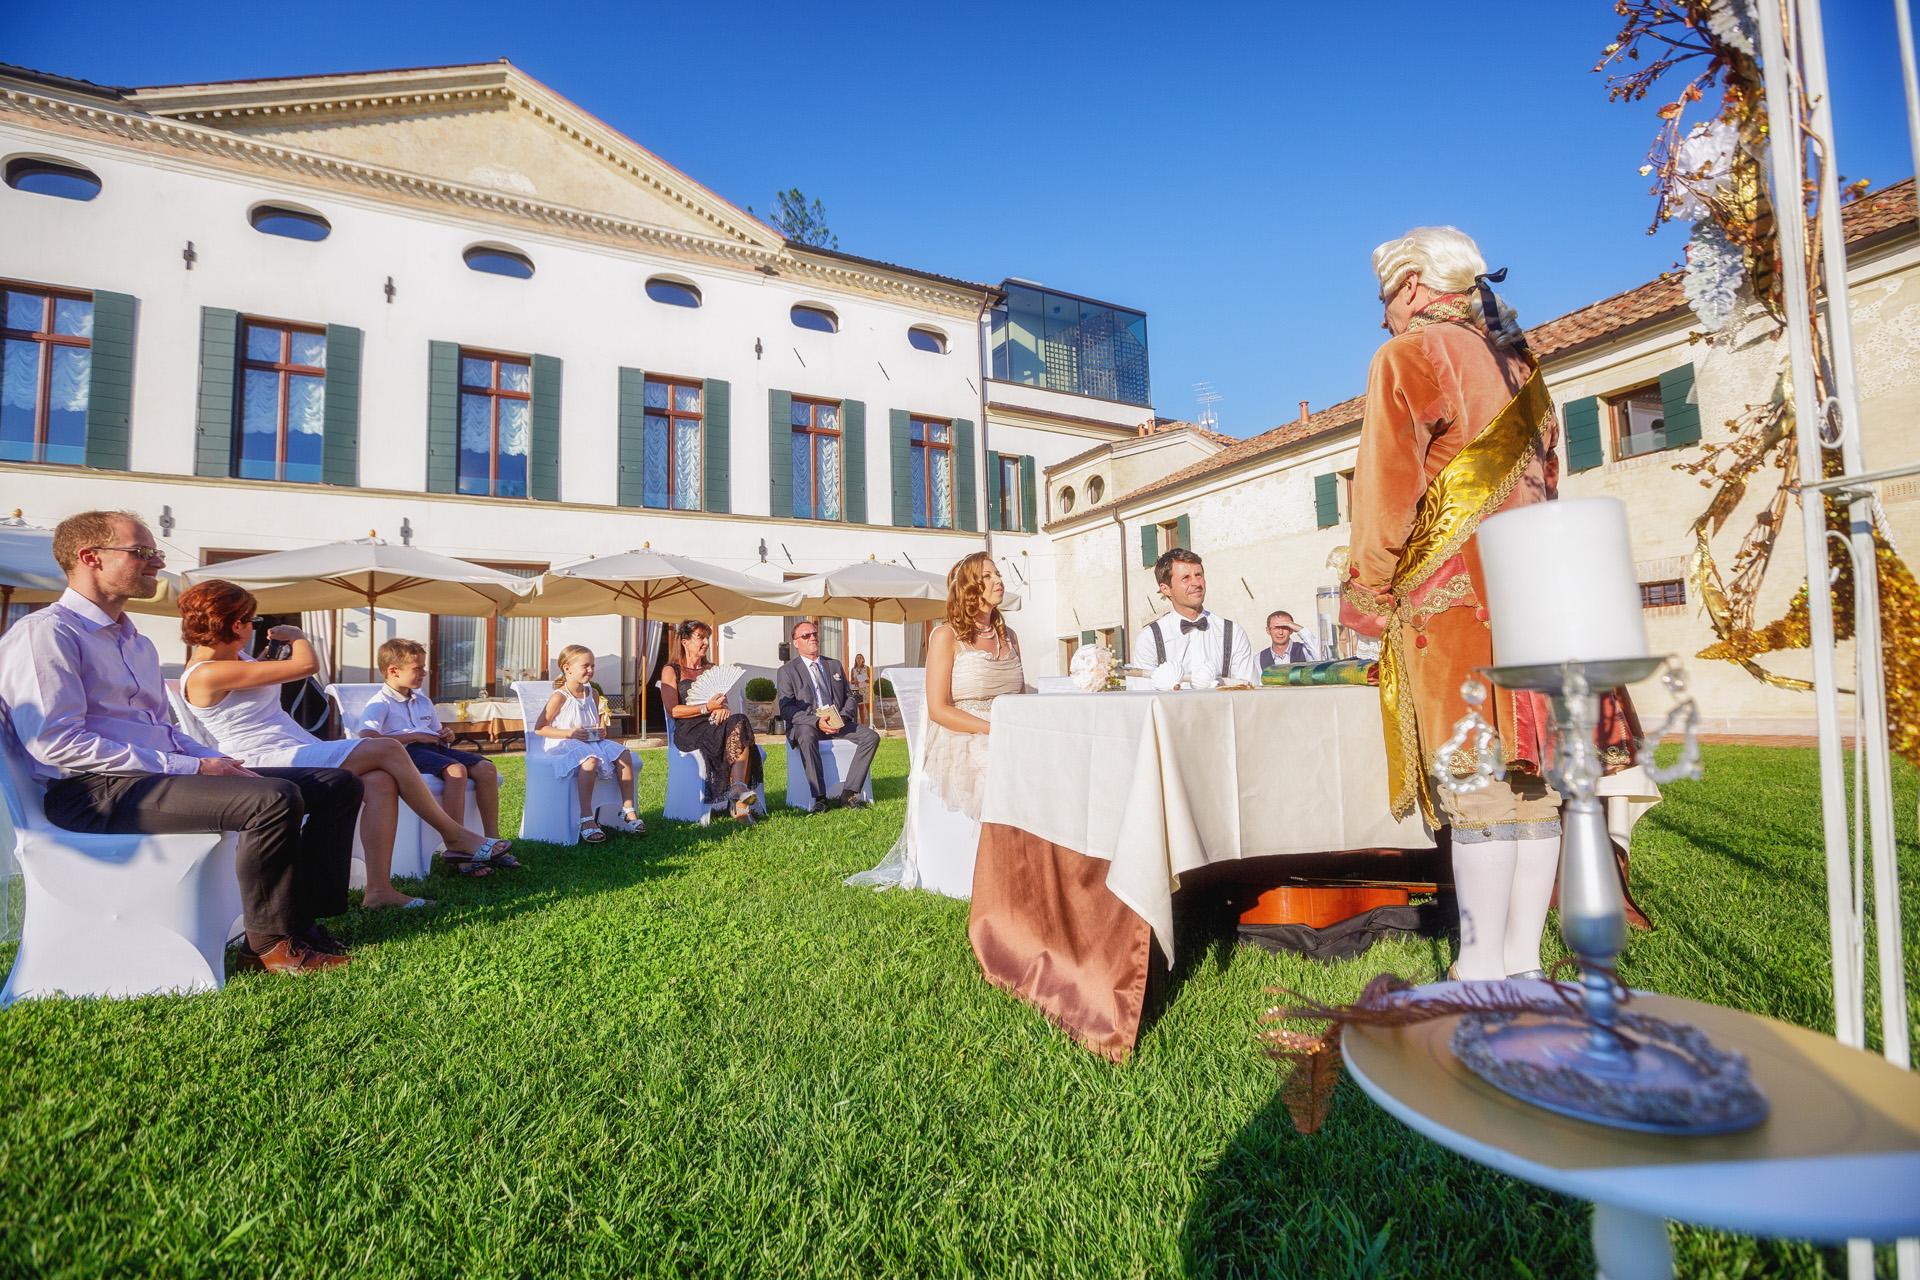 Petite photo de mariage en plein air de Venise, Italie | La cérémonie de mariage en plein air symbolique qui comprenait le marié effectuant une sérénade romantique.